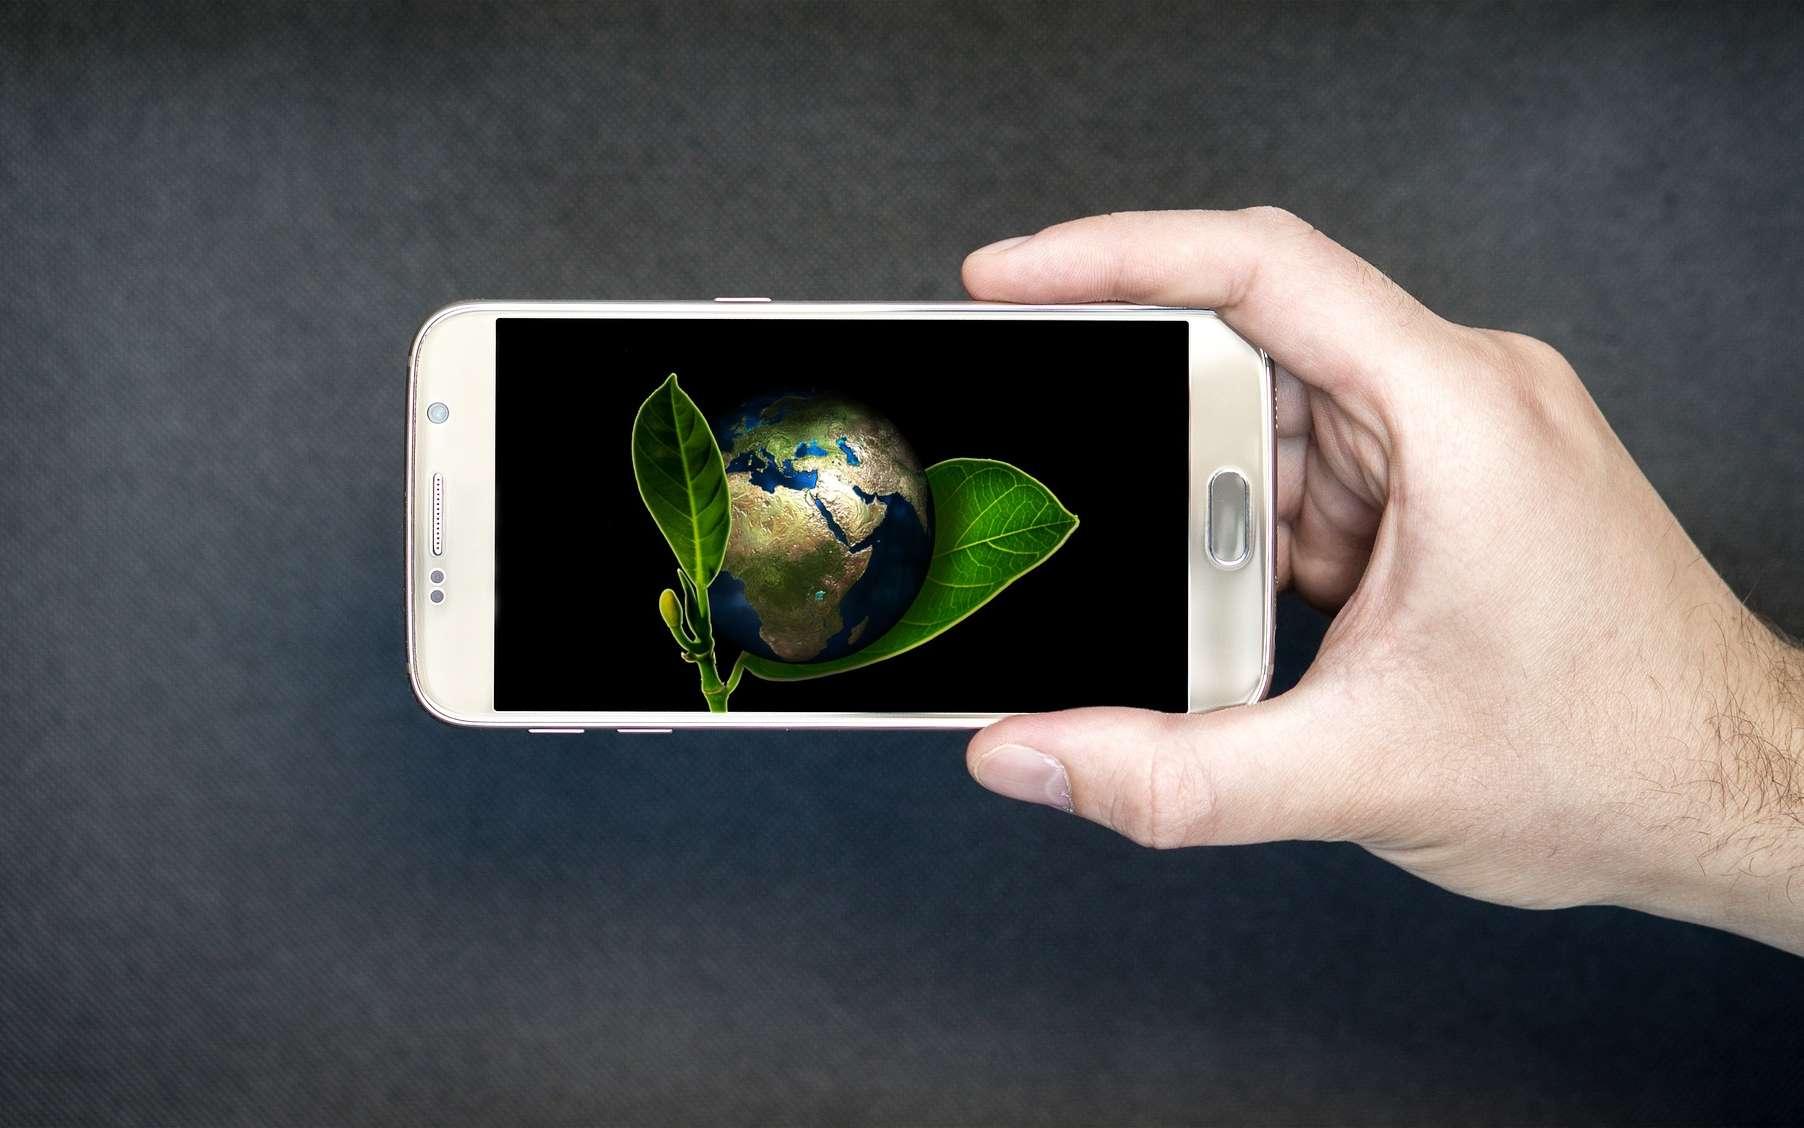 Le comportement humain évolué ne serait-il pas un frein face à l'adaptation aux crises environnementales ? © Gentle07